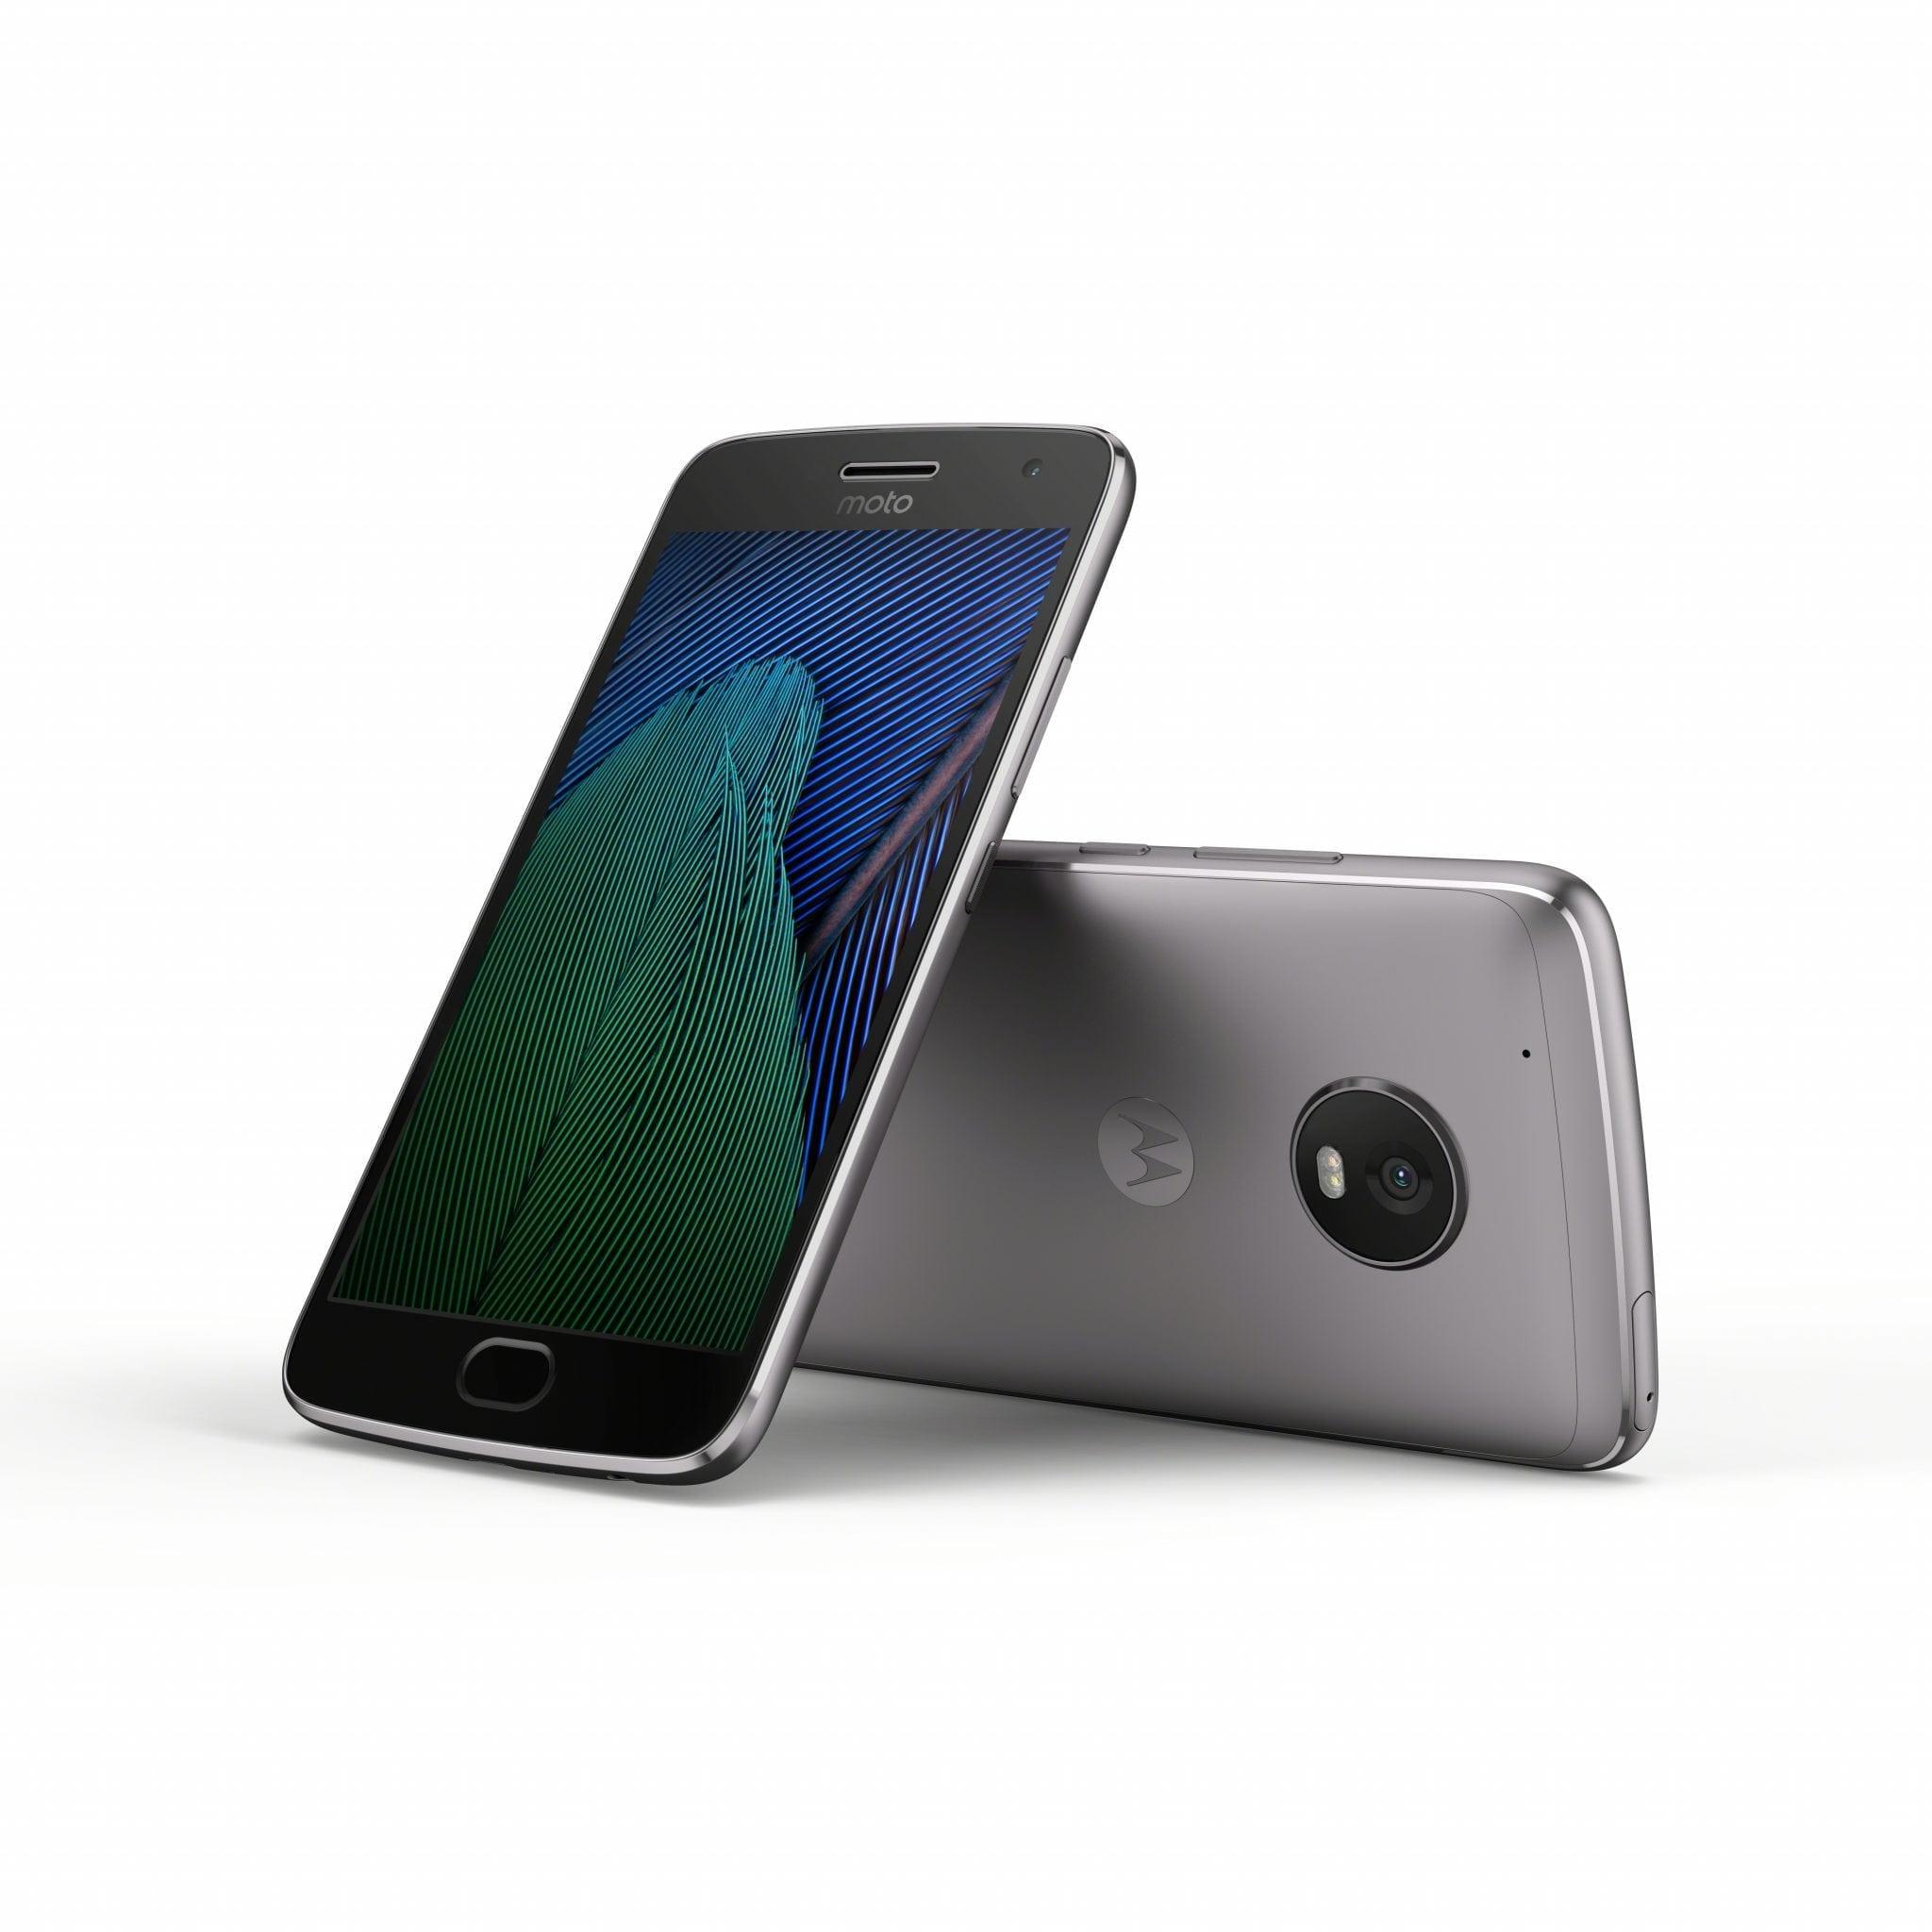 MWC 2017: Totul despre Moto G5 și Moto G5 Plus